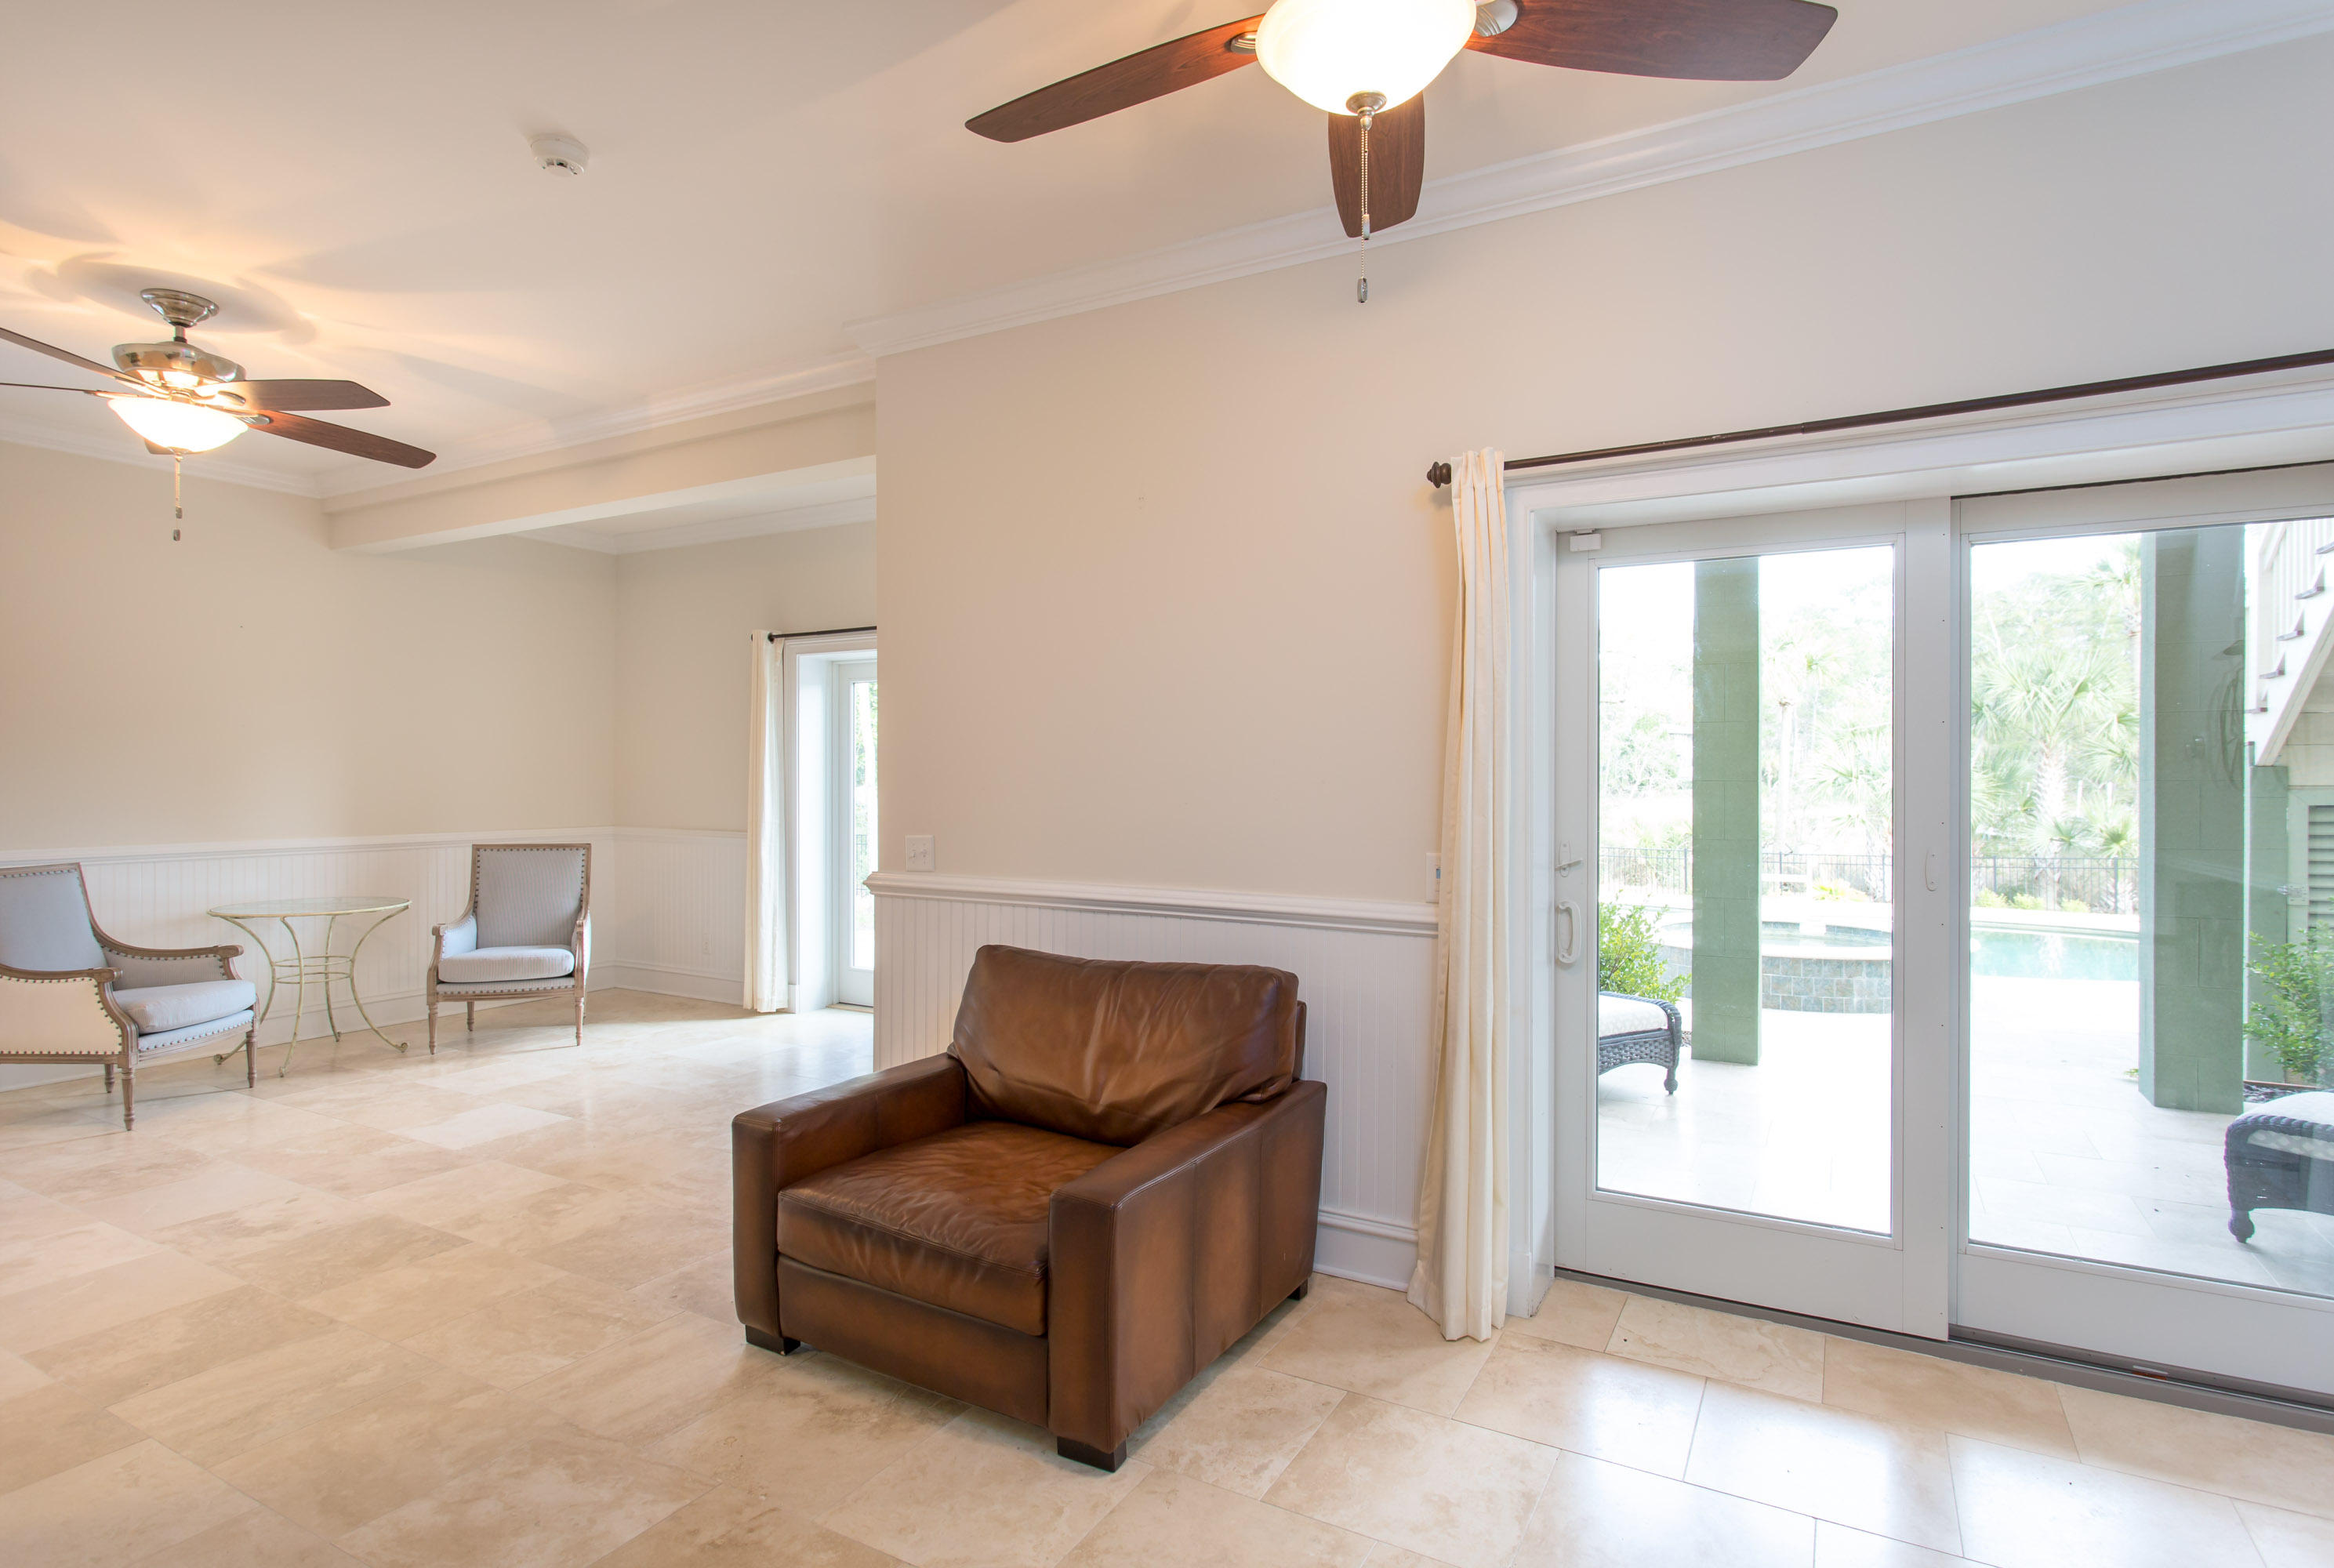 Dunes West Homes For Sale - 3044 Yachtsman, Mount Pleasant, SC - 14